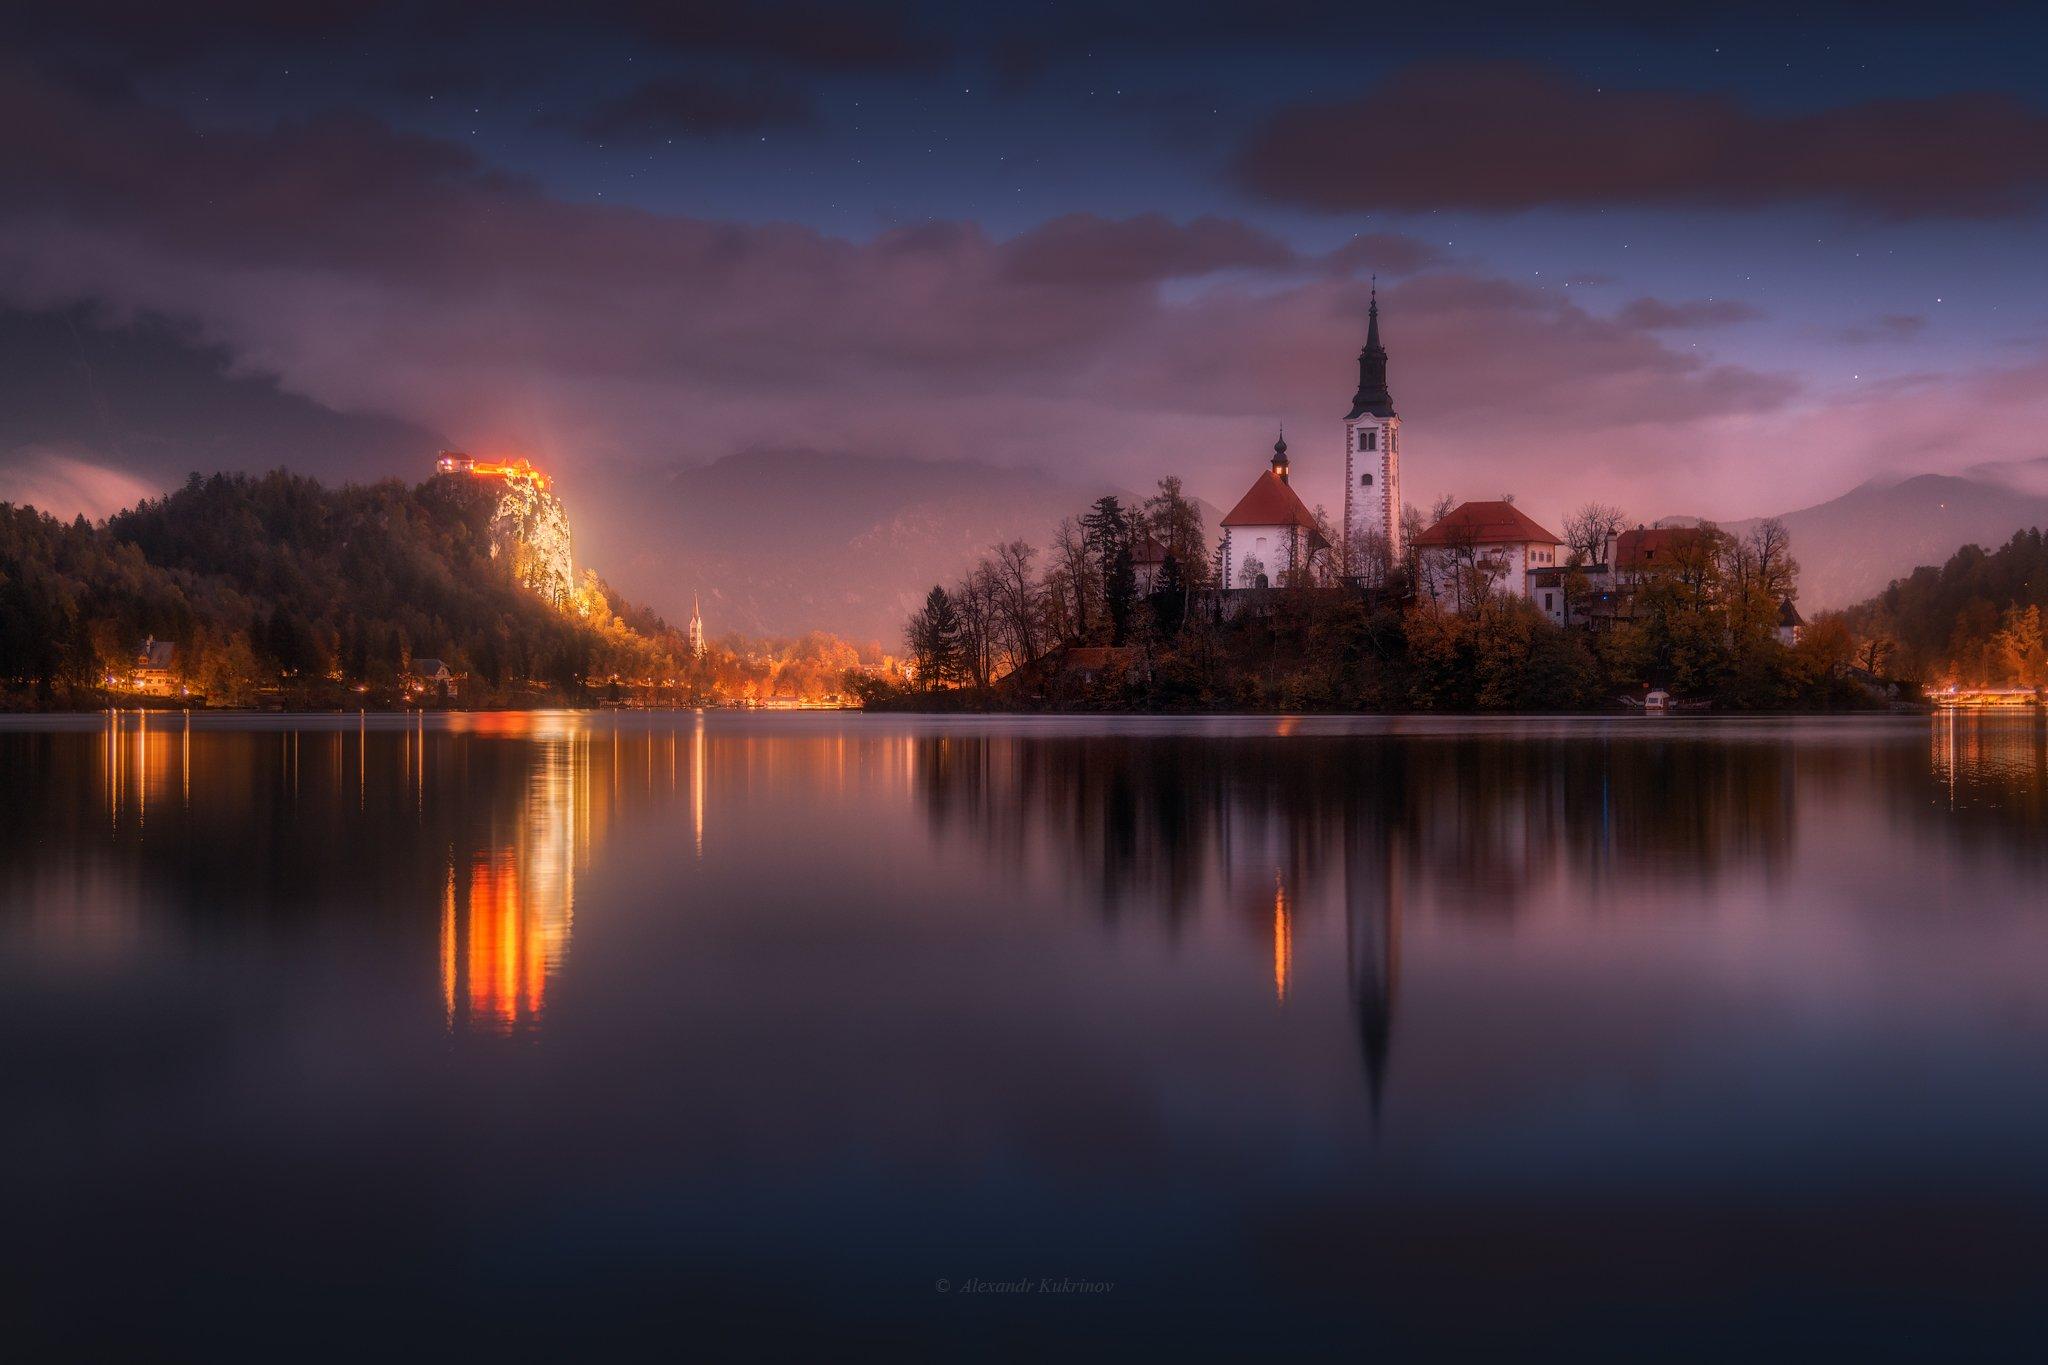 словения, осень, блед, ночь, звёзды, Александр Кукринов